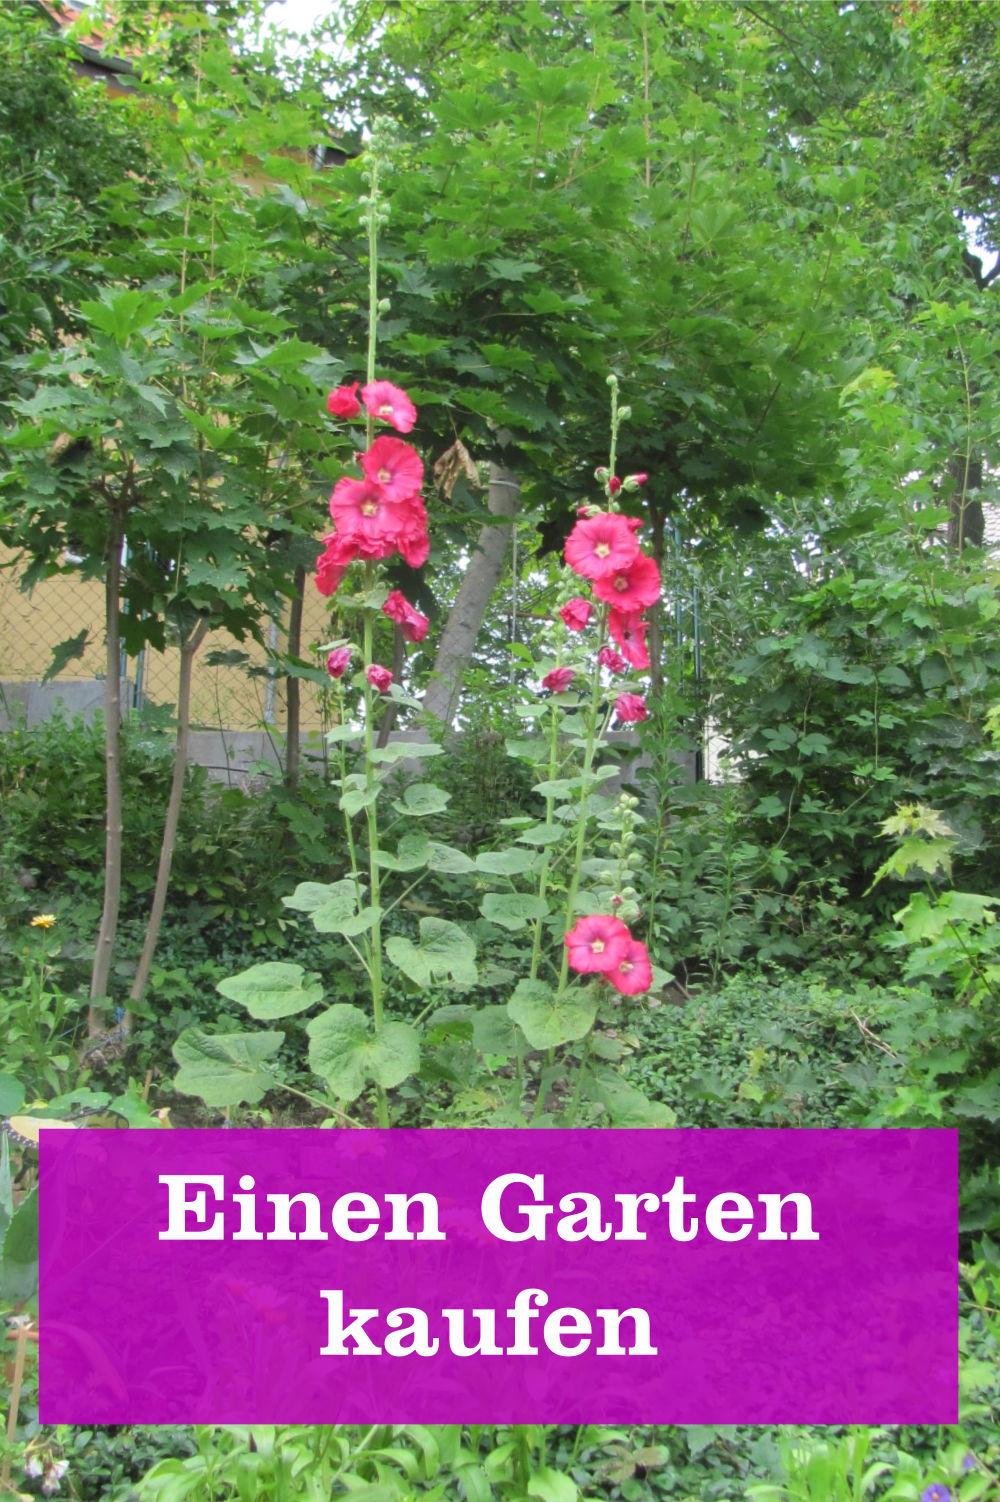 Garten kaufen